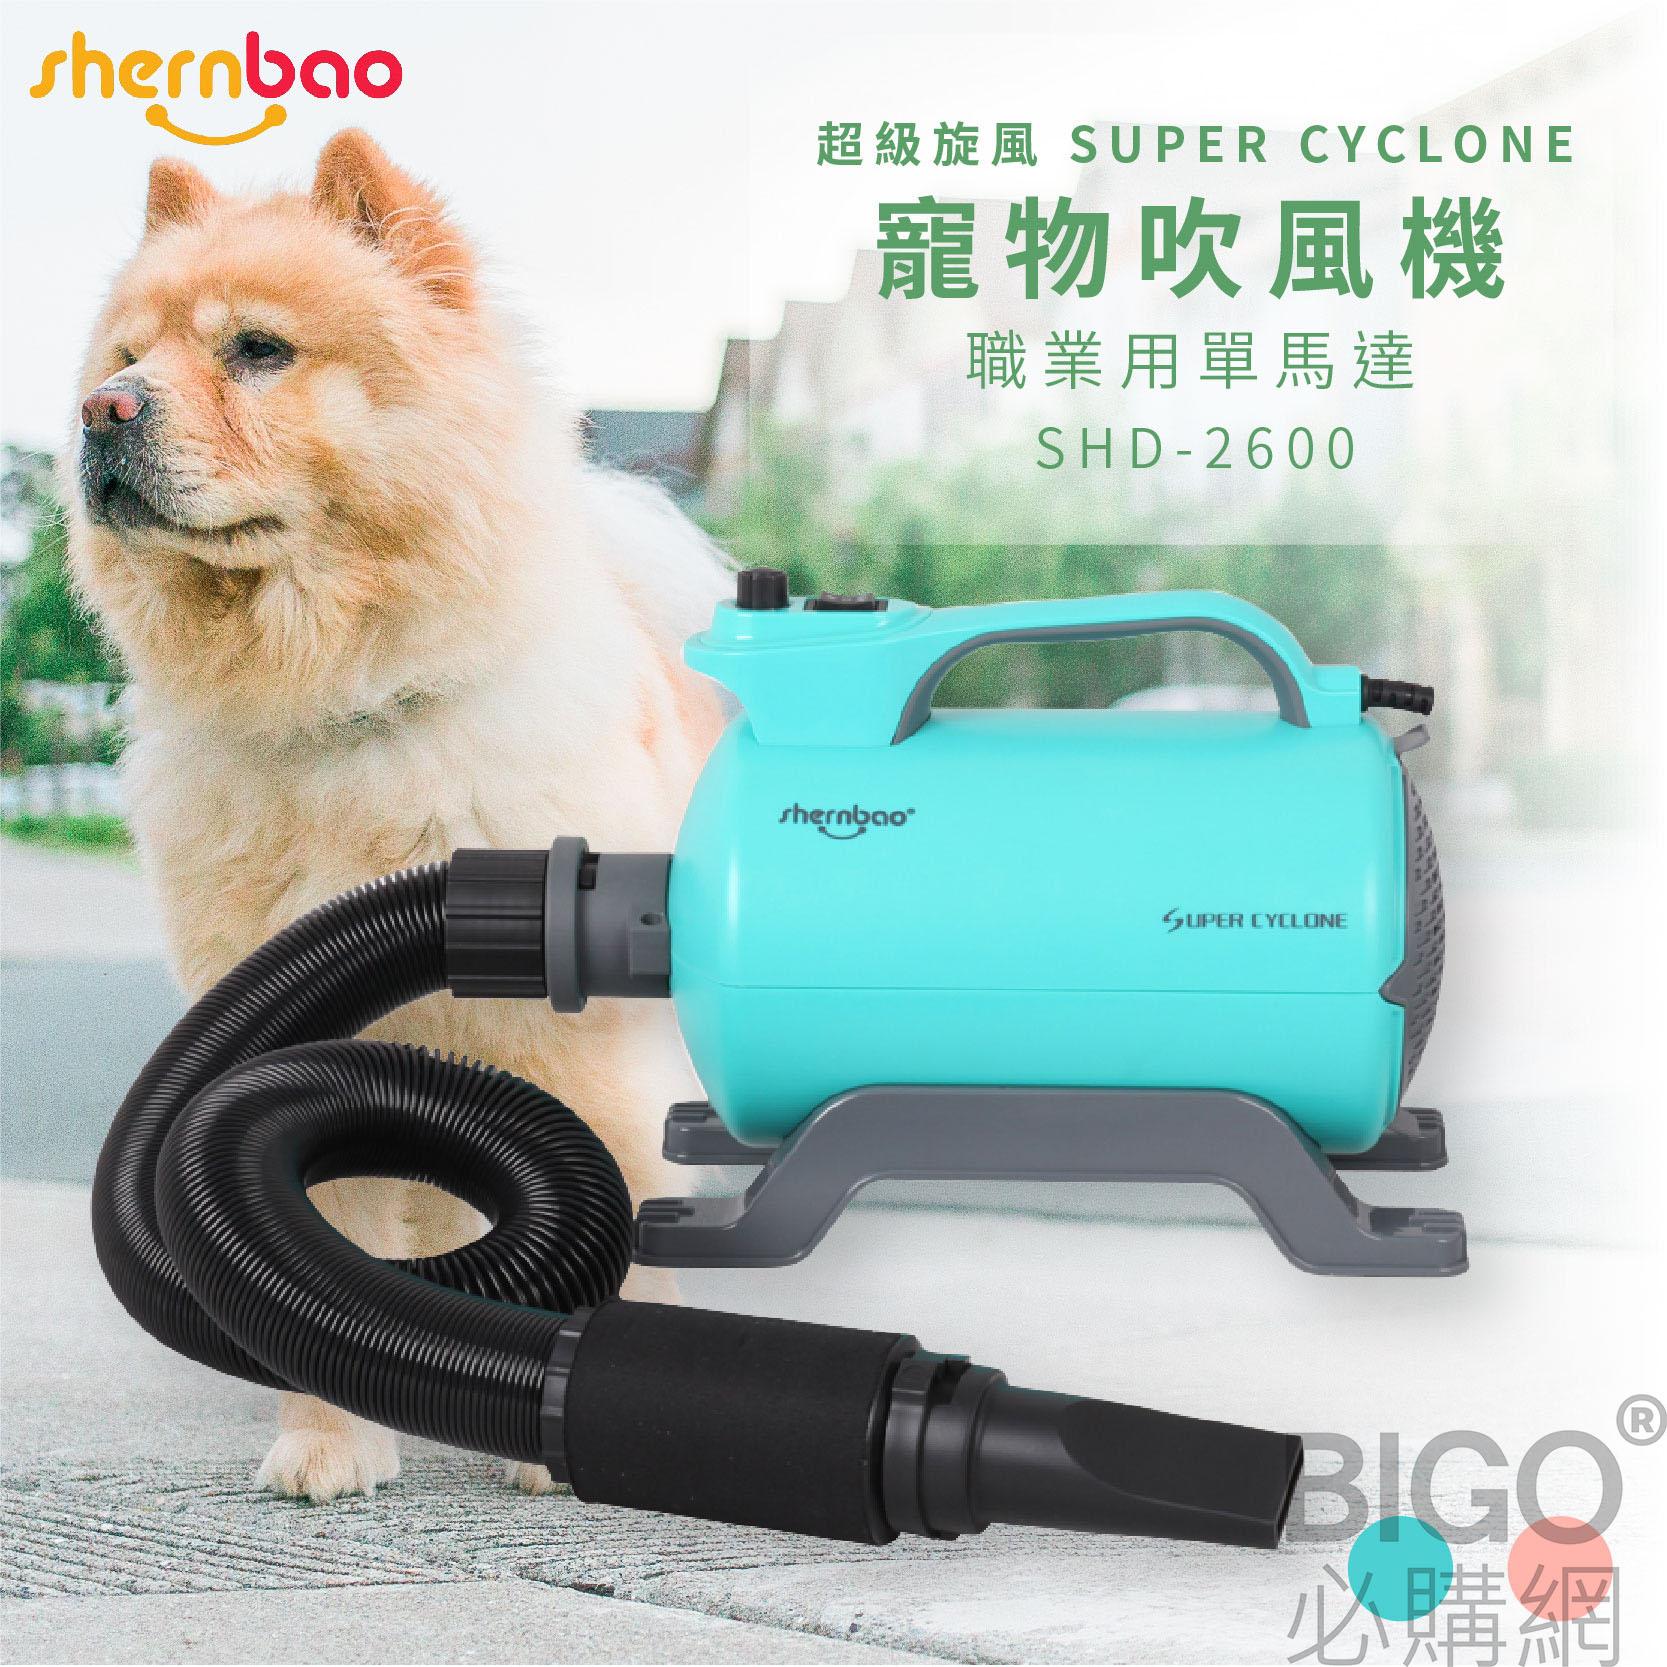 牠的型你行 SHD-2600 超級旋風寵物吹風機 藍色 職業用單馬達 寵物吹水機 寵物洗澡 風乾 寵物用品 寵物美容